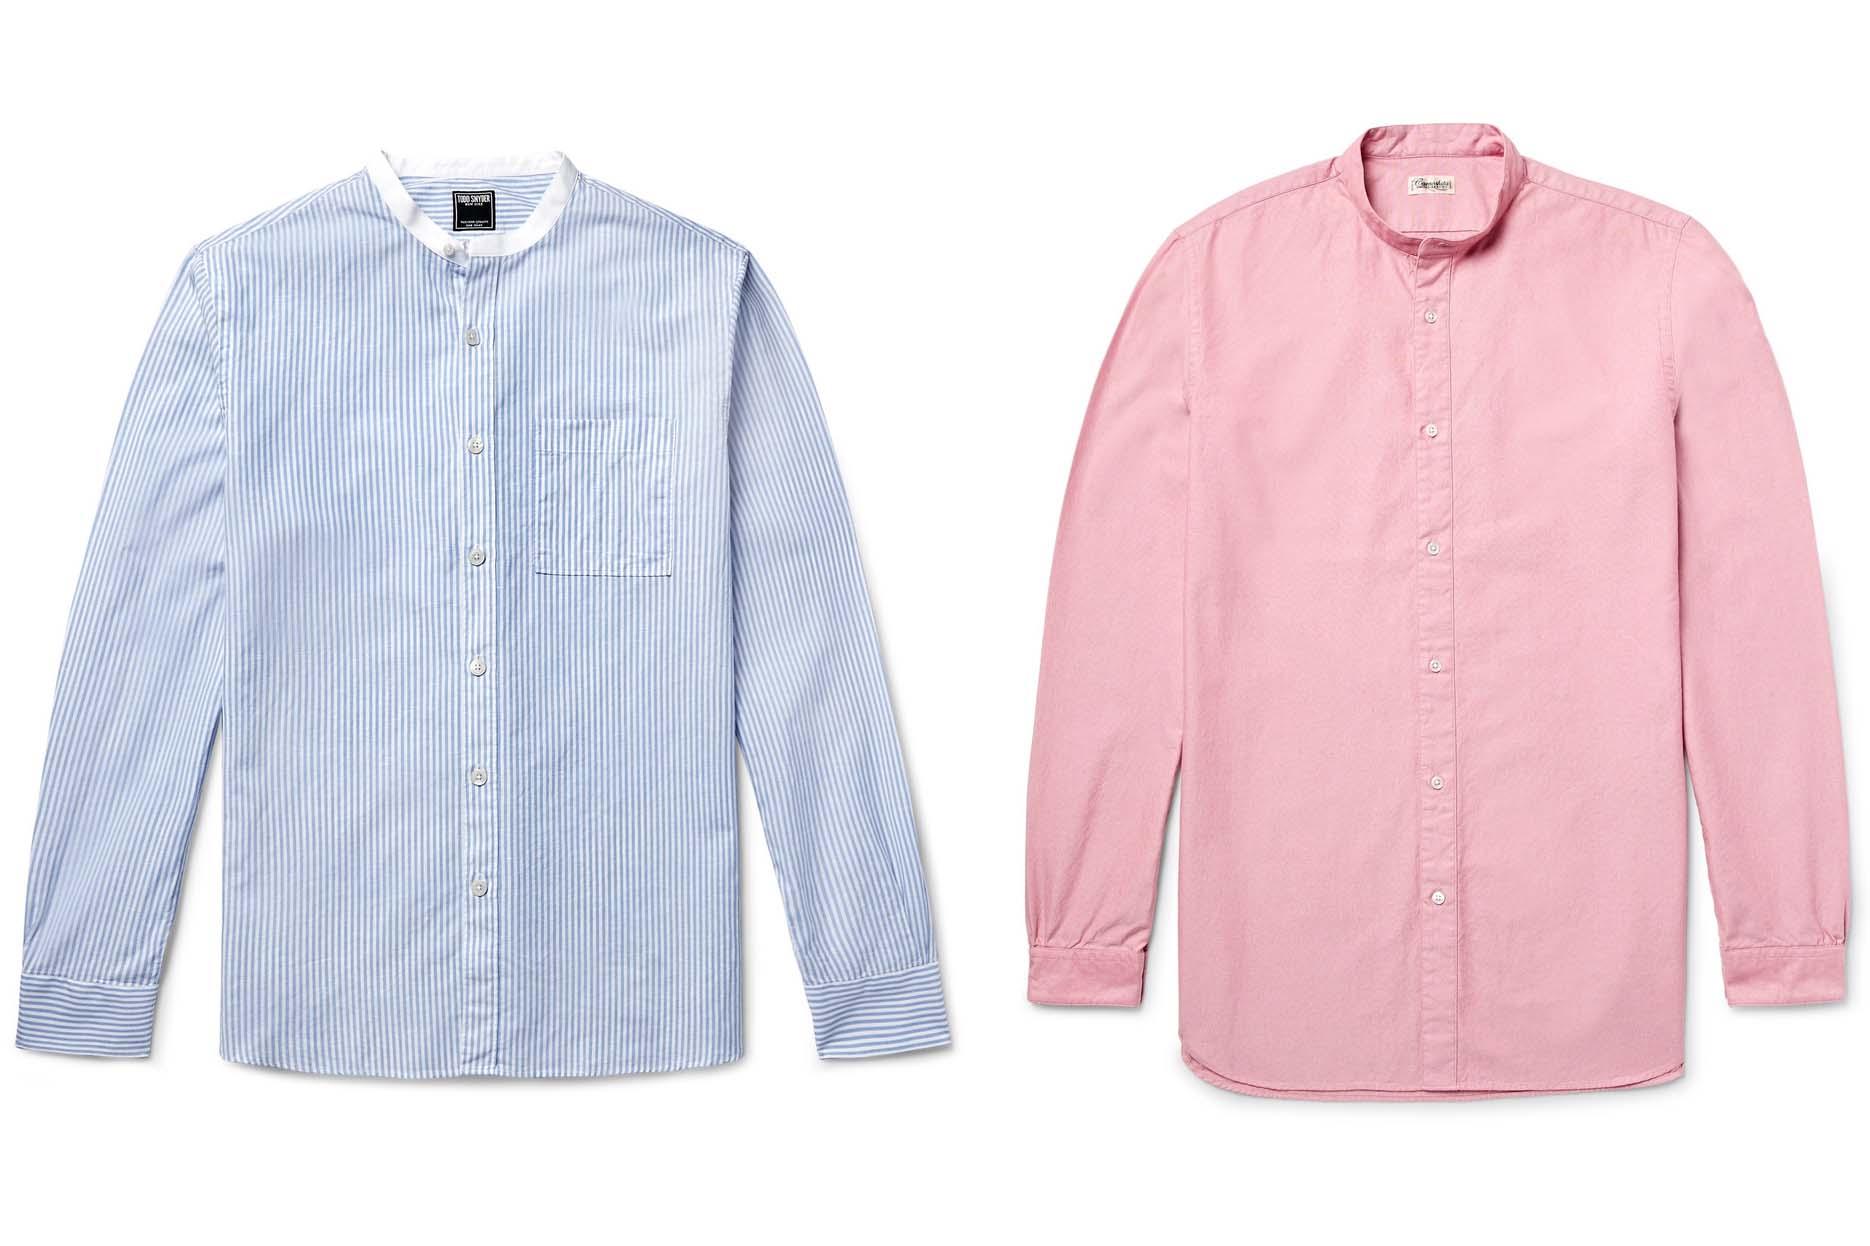 58de80a636ca0 Una opción más audaz es la camisa rayada de Oliver Spencer que hace una  apelación a lo retro sin caer en el traje.